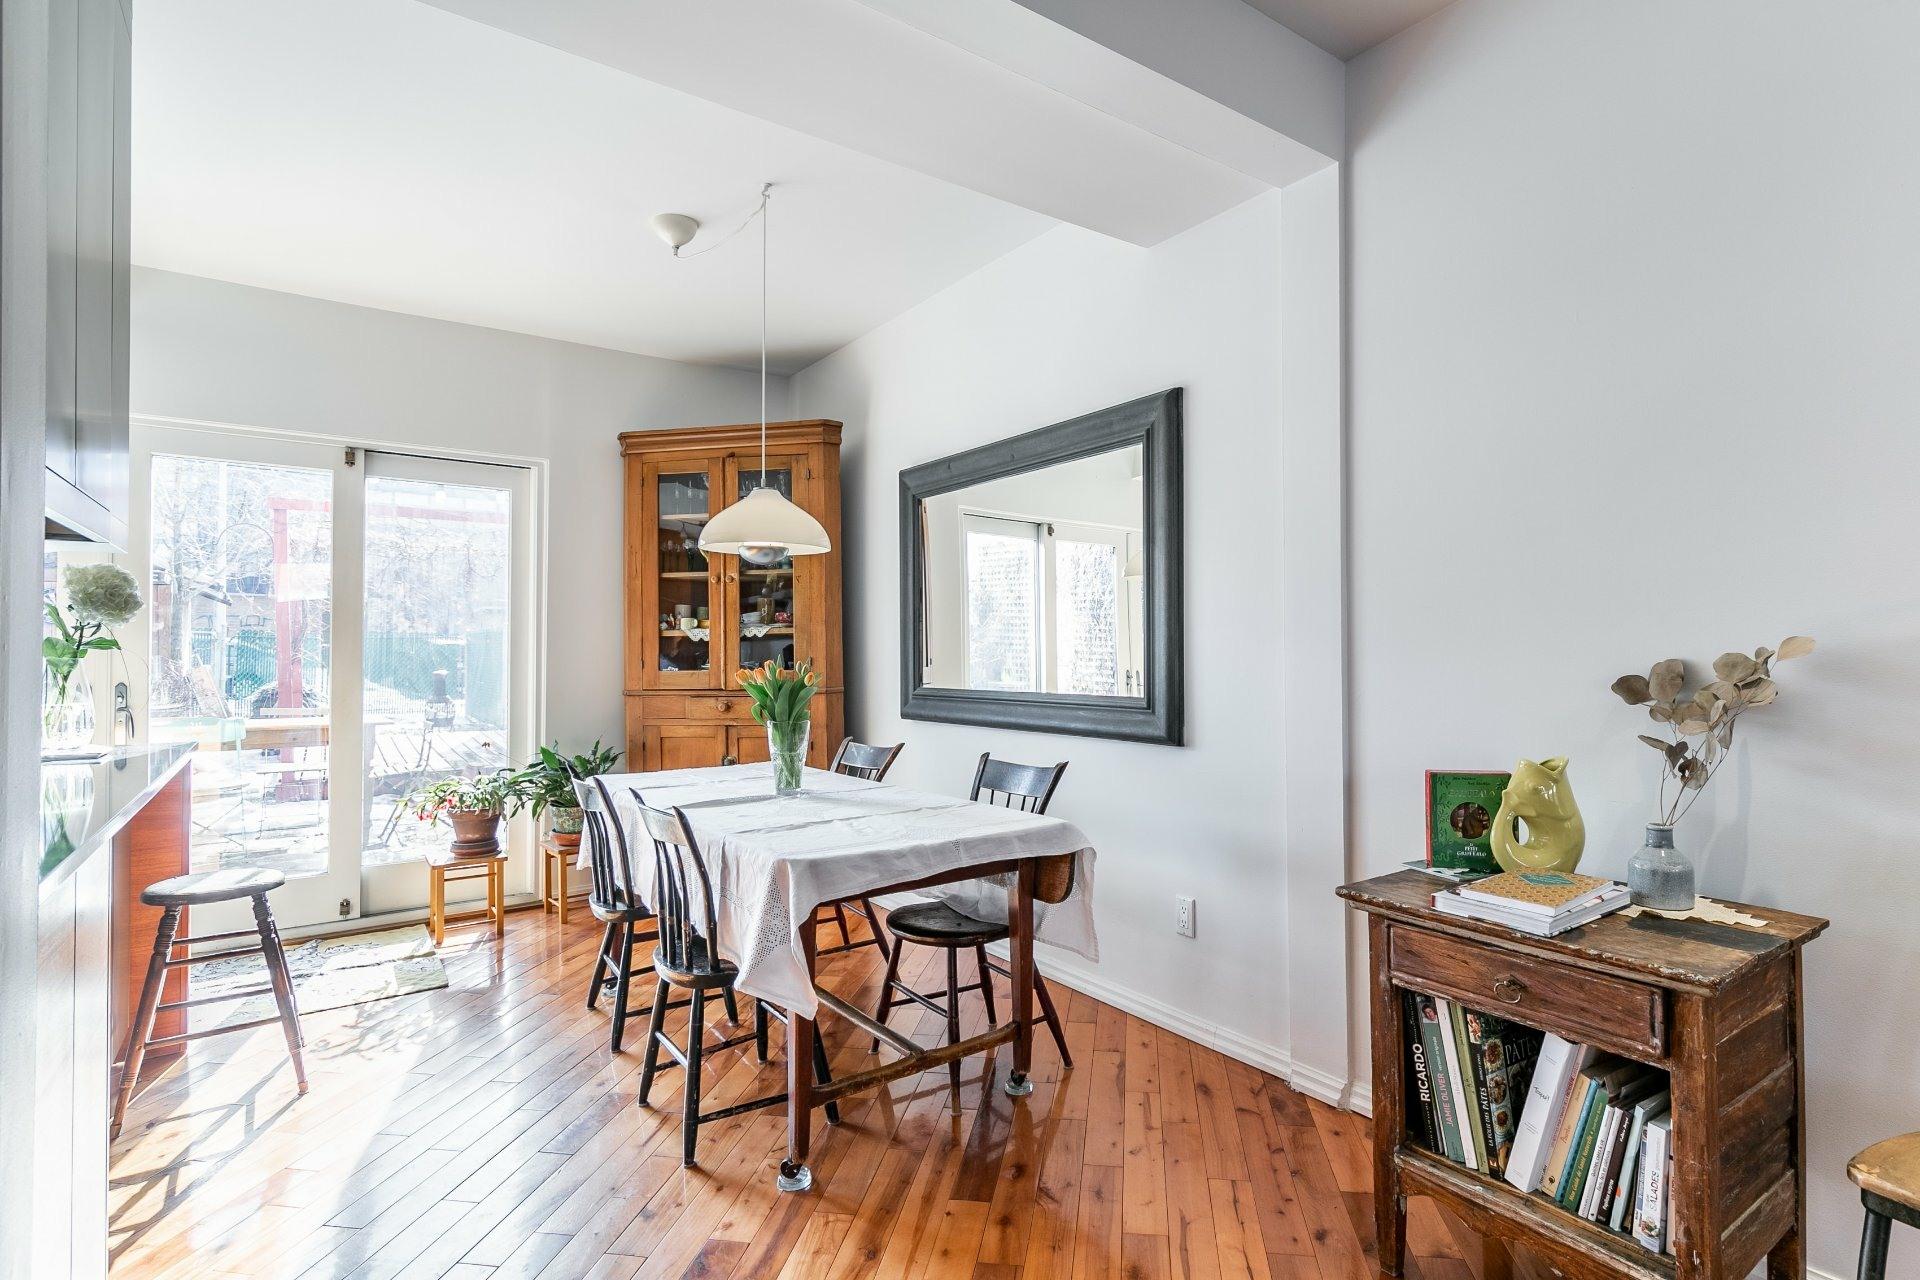 image 5 - Maison À vendre Ville-Marie Montréal  - 6 pièces